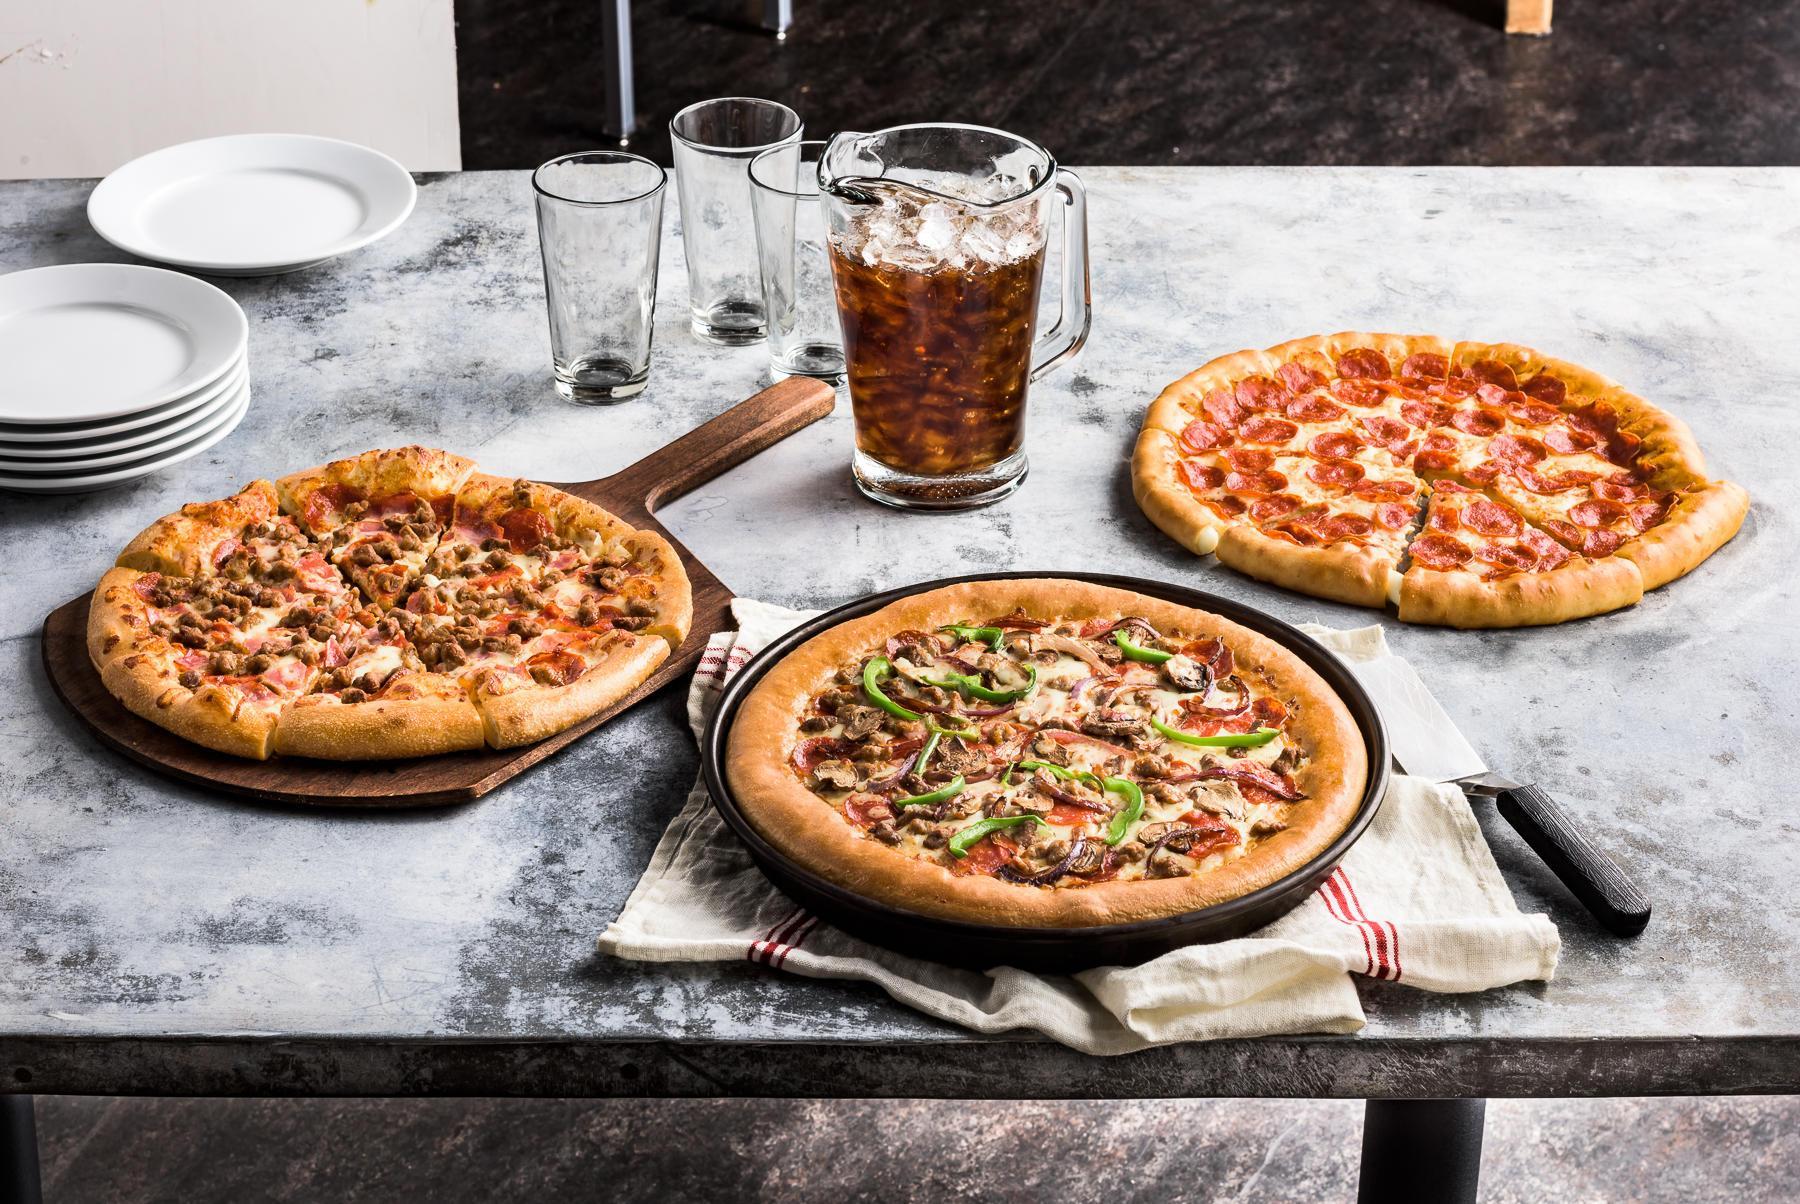 Pizza Hut Paris